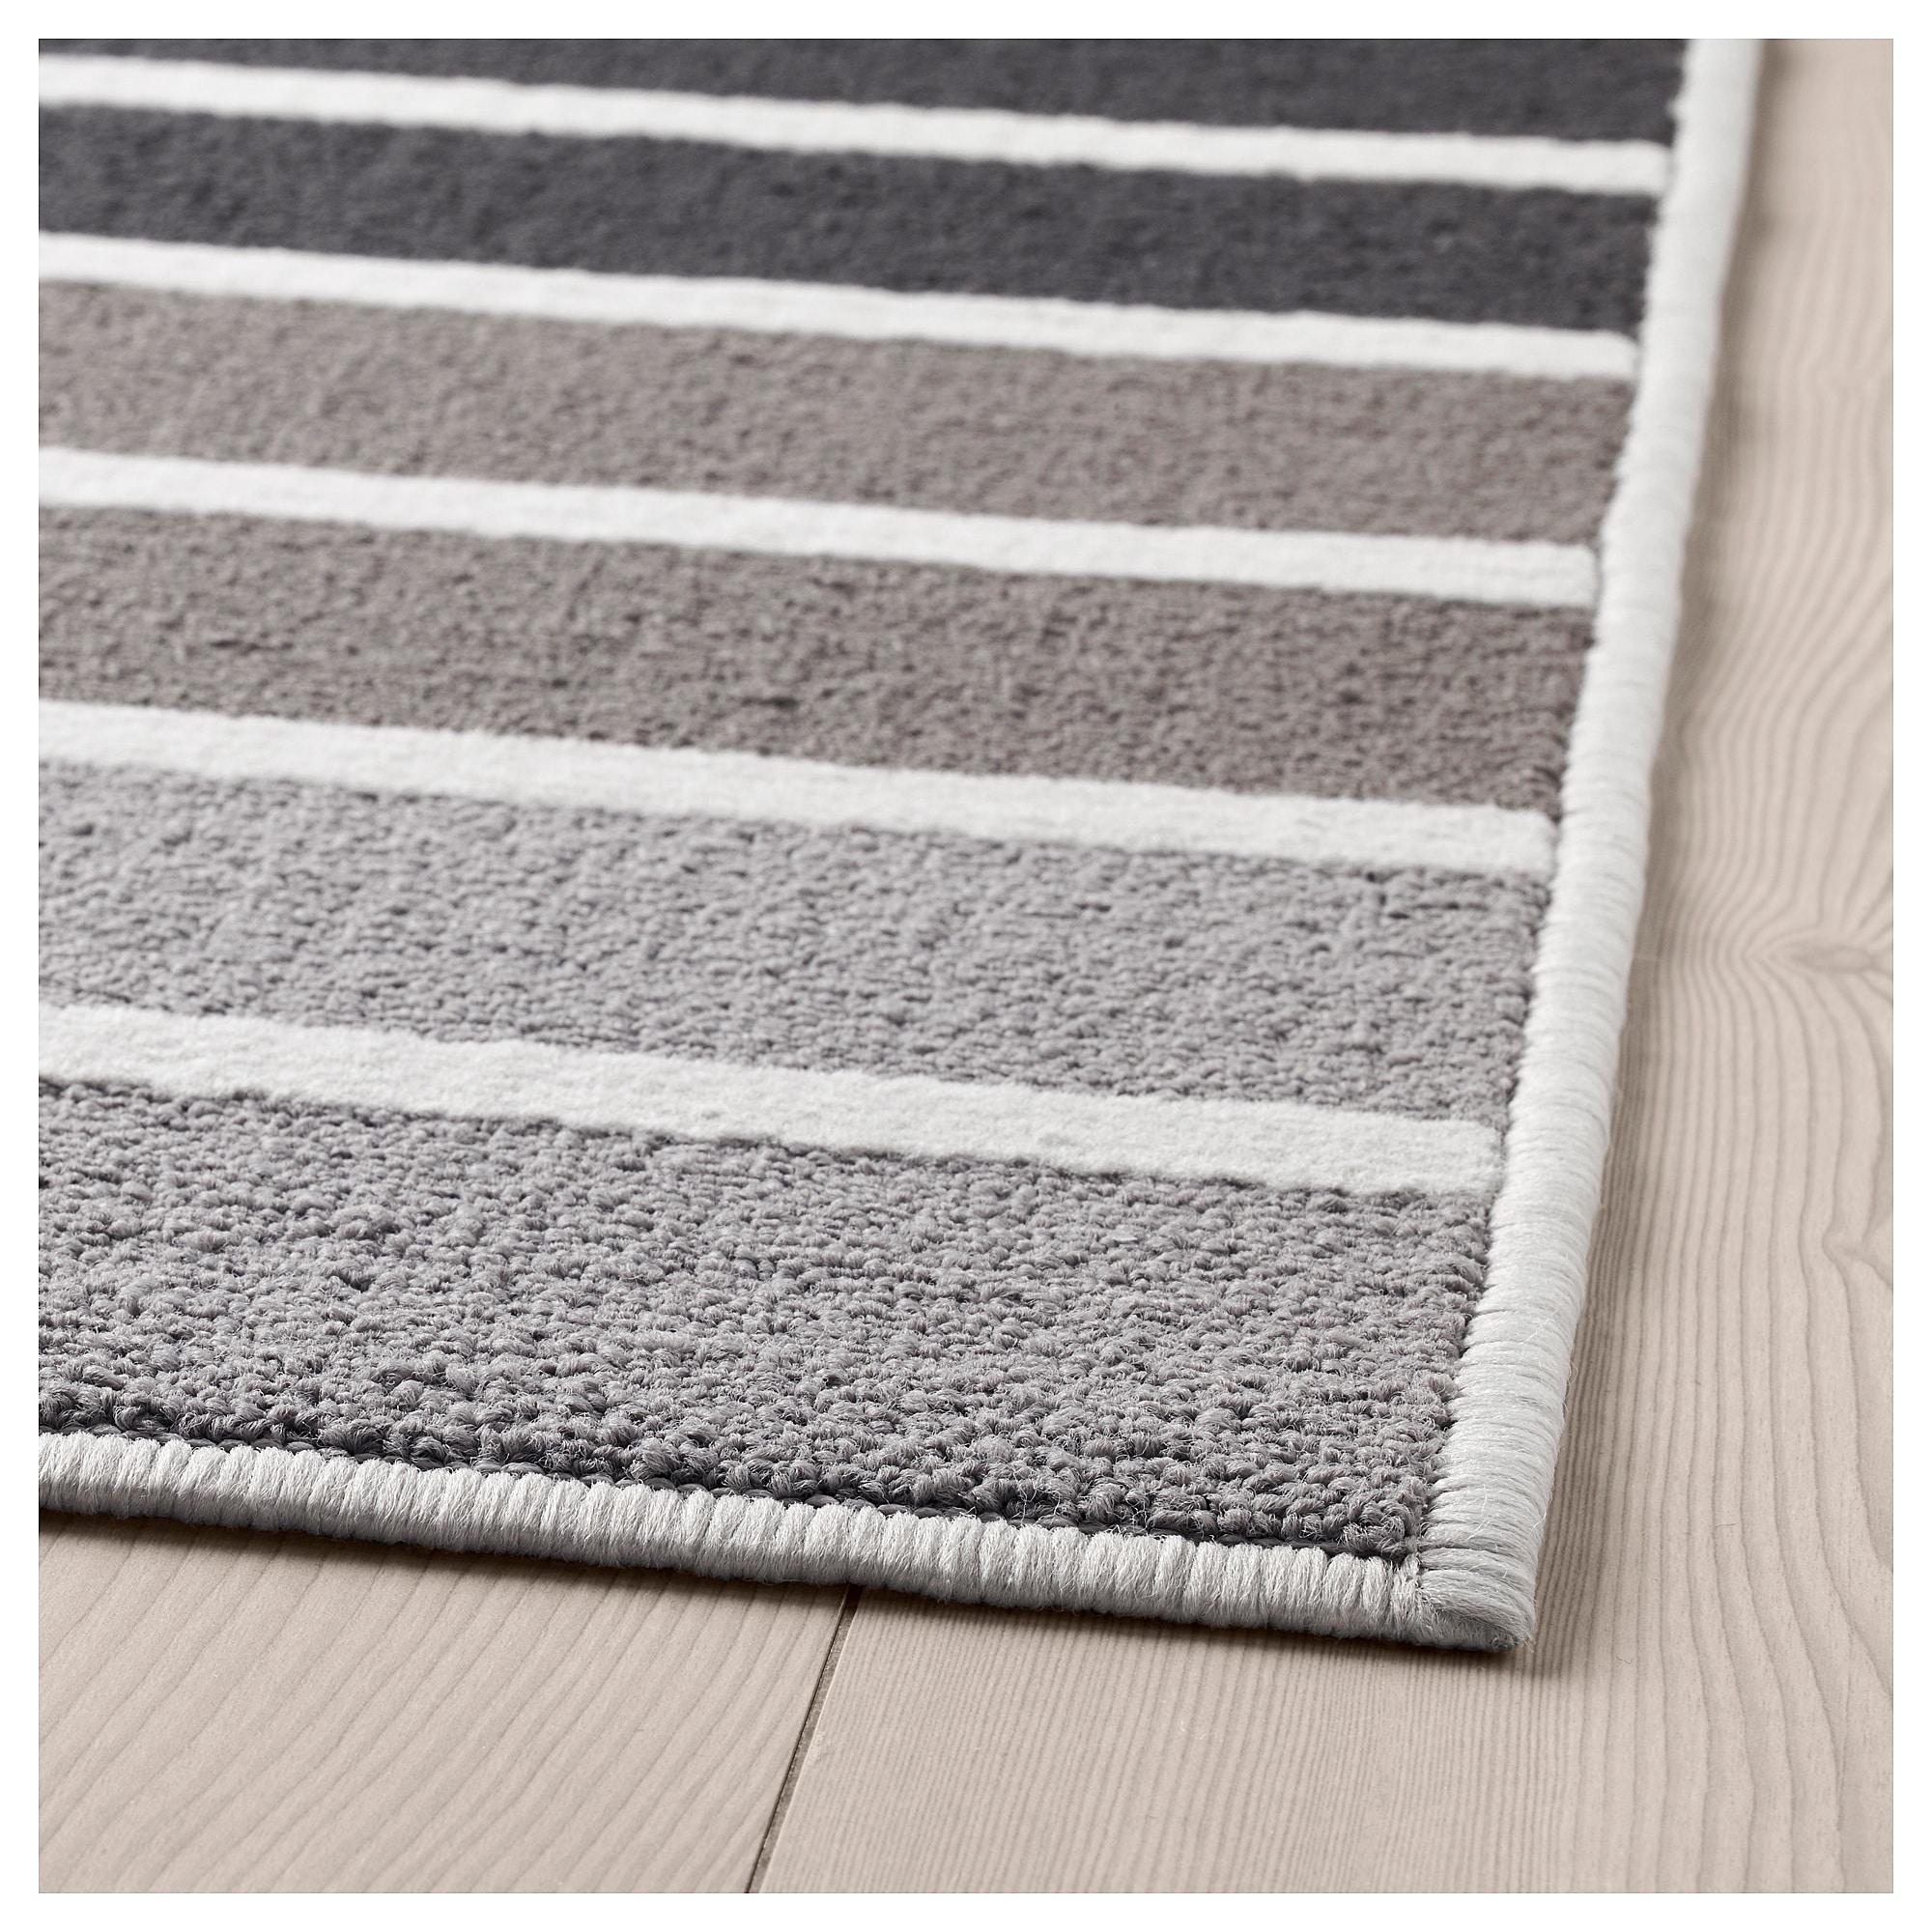 Ковер, короткий ворс ЛЮМСОС, серый, разноцветный (120×180 см)